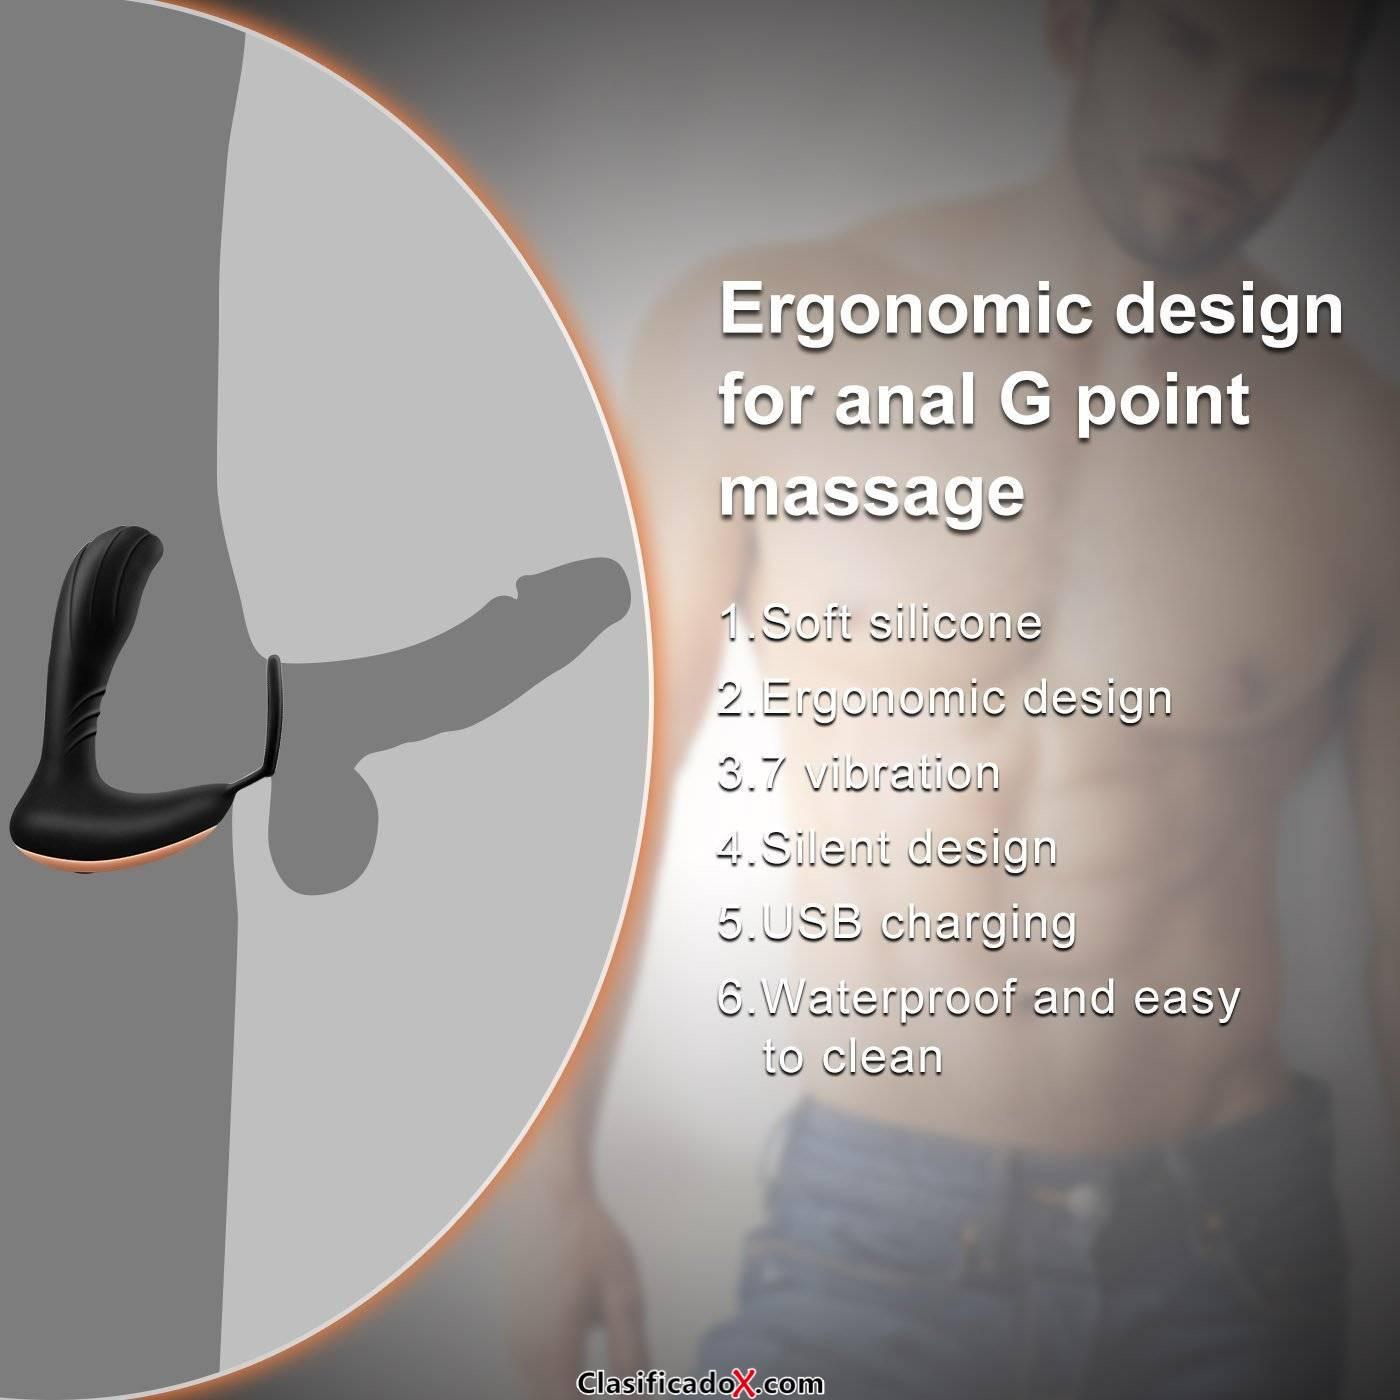 Estimulador de próstata con anillo de martillo, vibrador anal de silicona masaje de próstata juguete vibrador anal consolador anal vibrador macho remoto USB enchufe anal enchufe de ordeño de prós